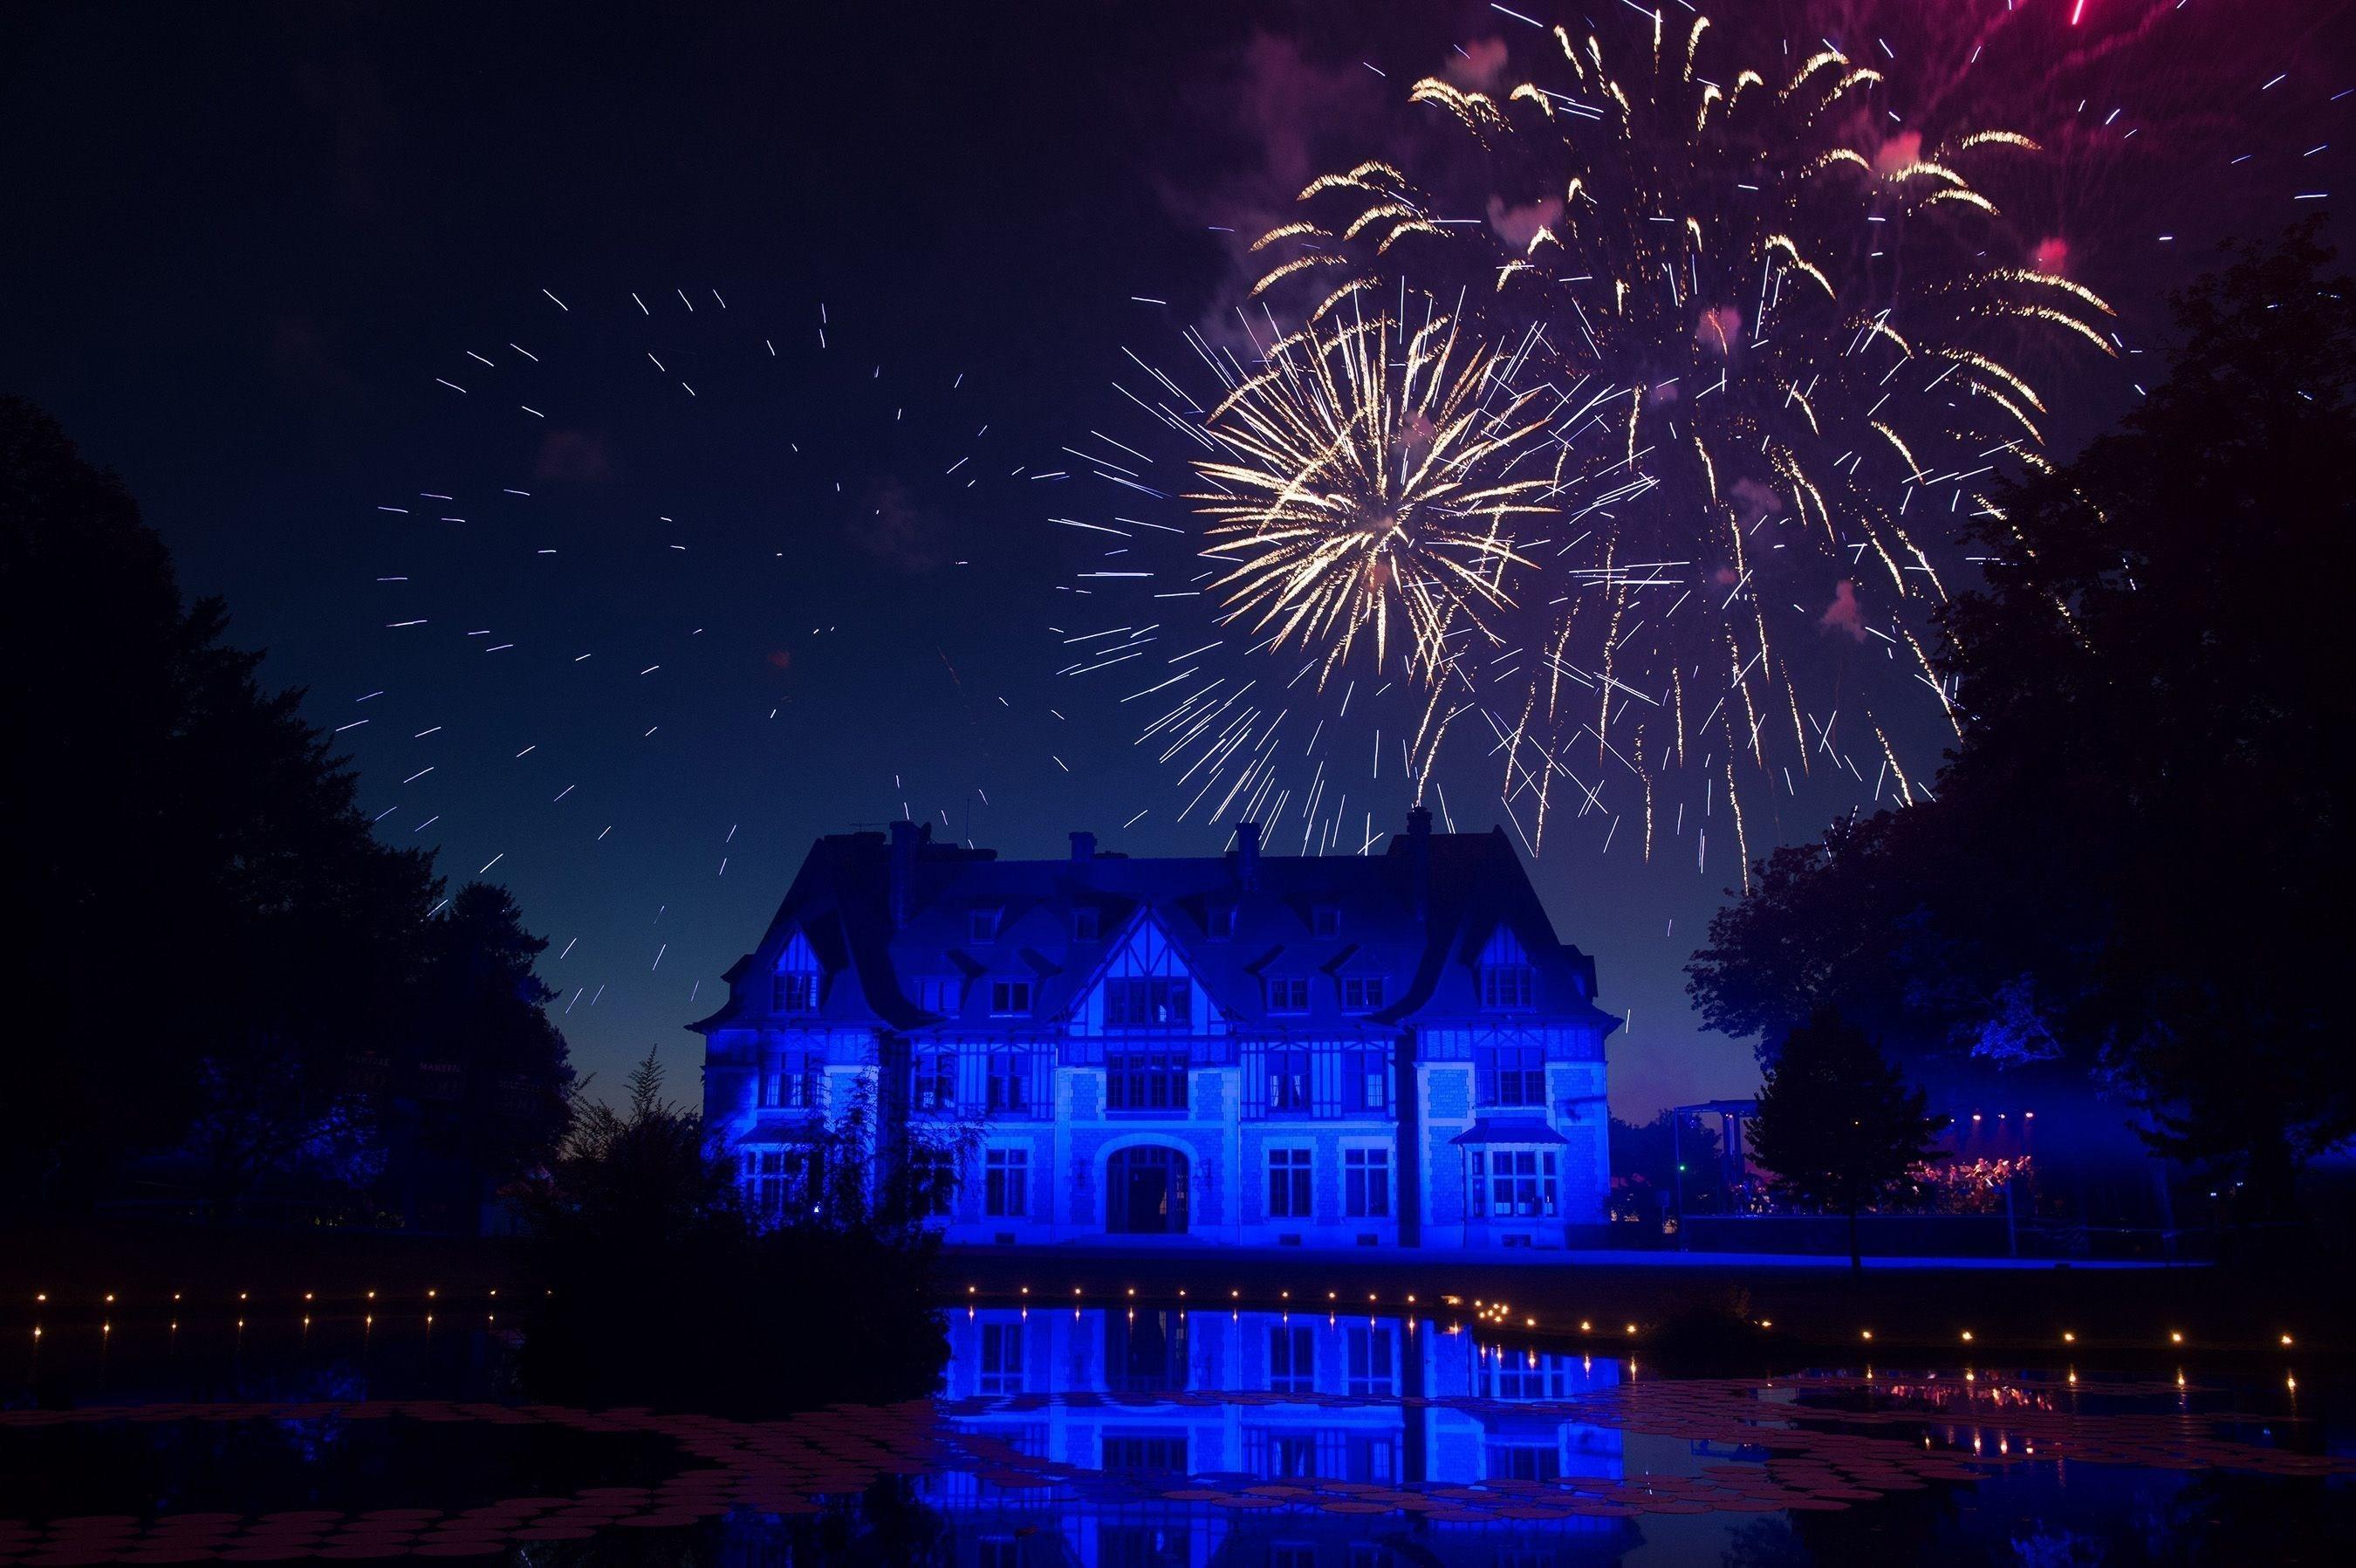 Martell - Tricentenaire Chanteloup fireworks (PRNewsFoto/Maison Martell) (PRNewsFoto/Maison Martell)